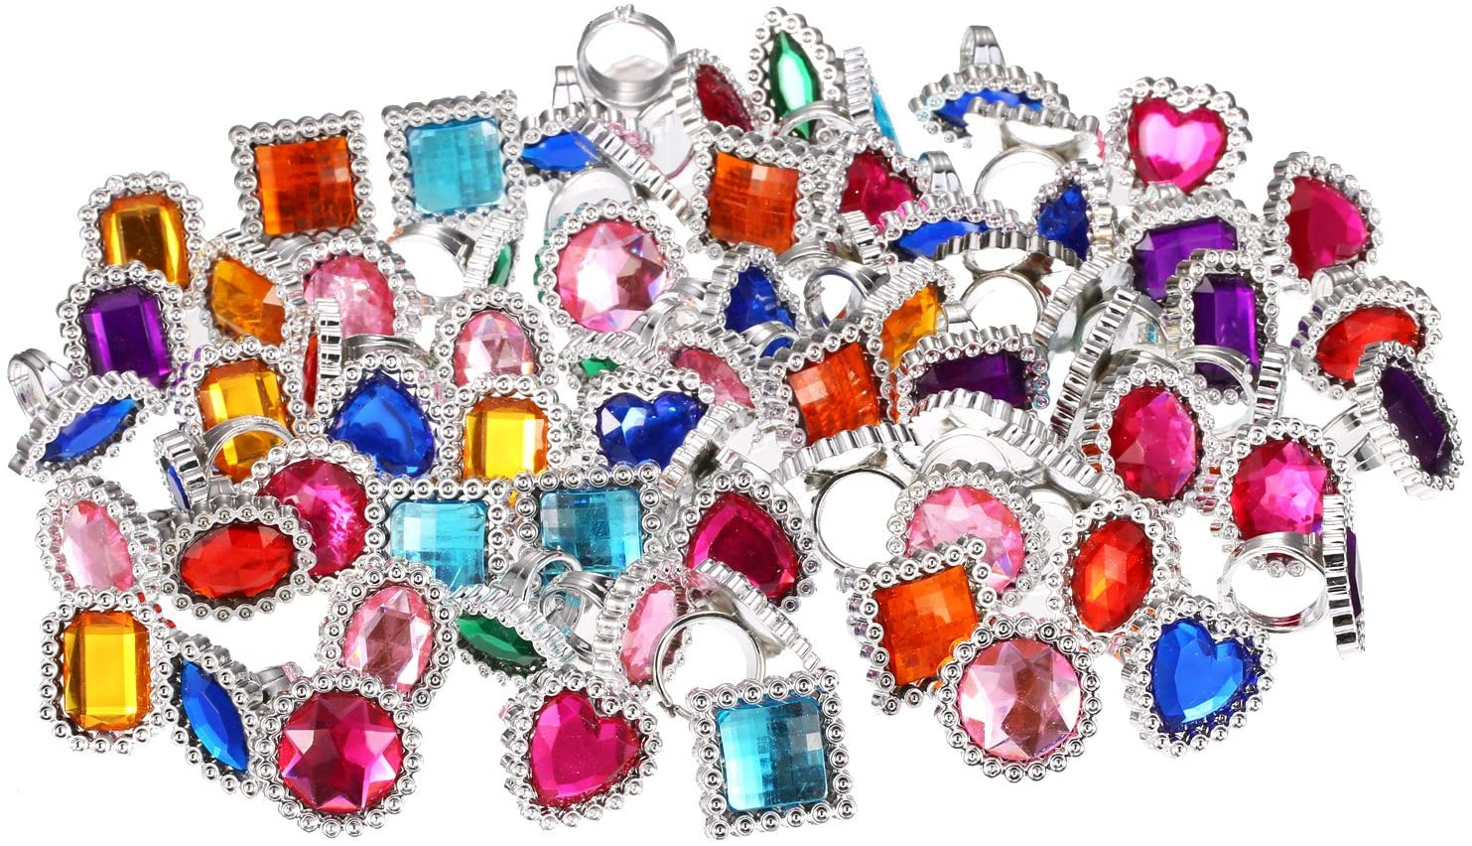 Shappy 72 Piezas de Anillo de Gema Diamante de Imitación de Plástico Anillos de Joyería Grande Ajustable Brillante Anillos de Juguete Accesorios de Disfraces